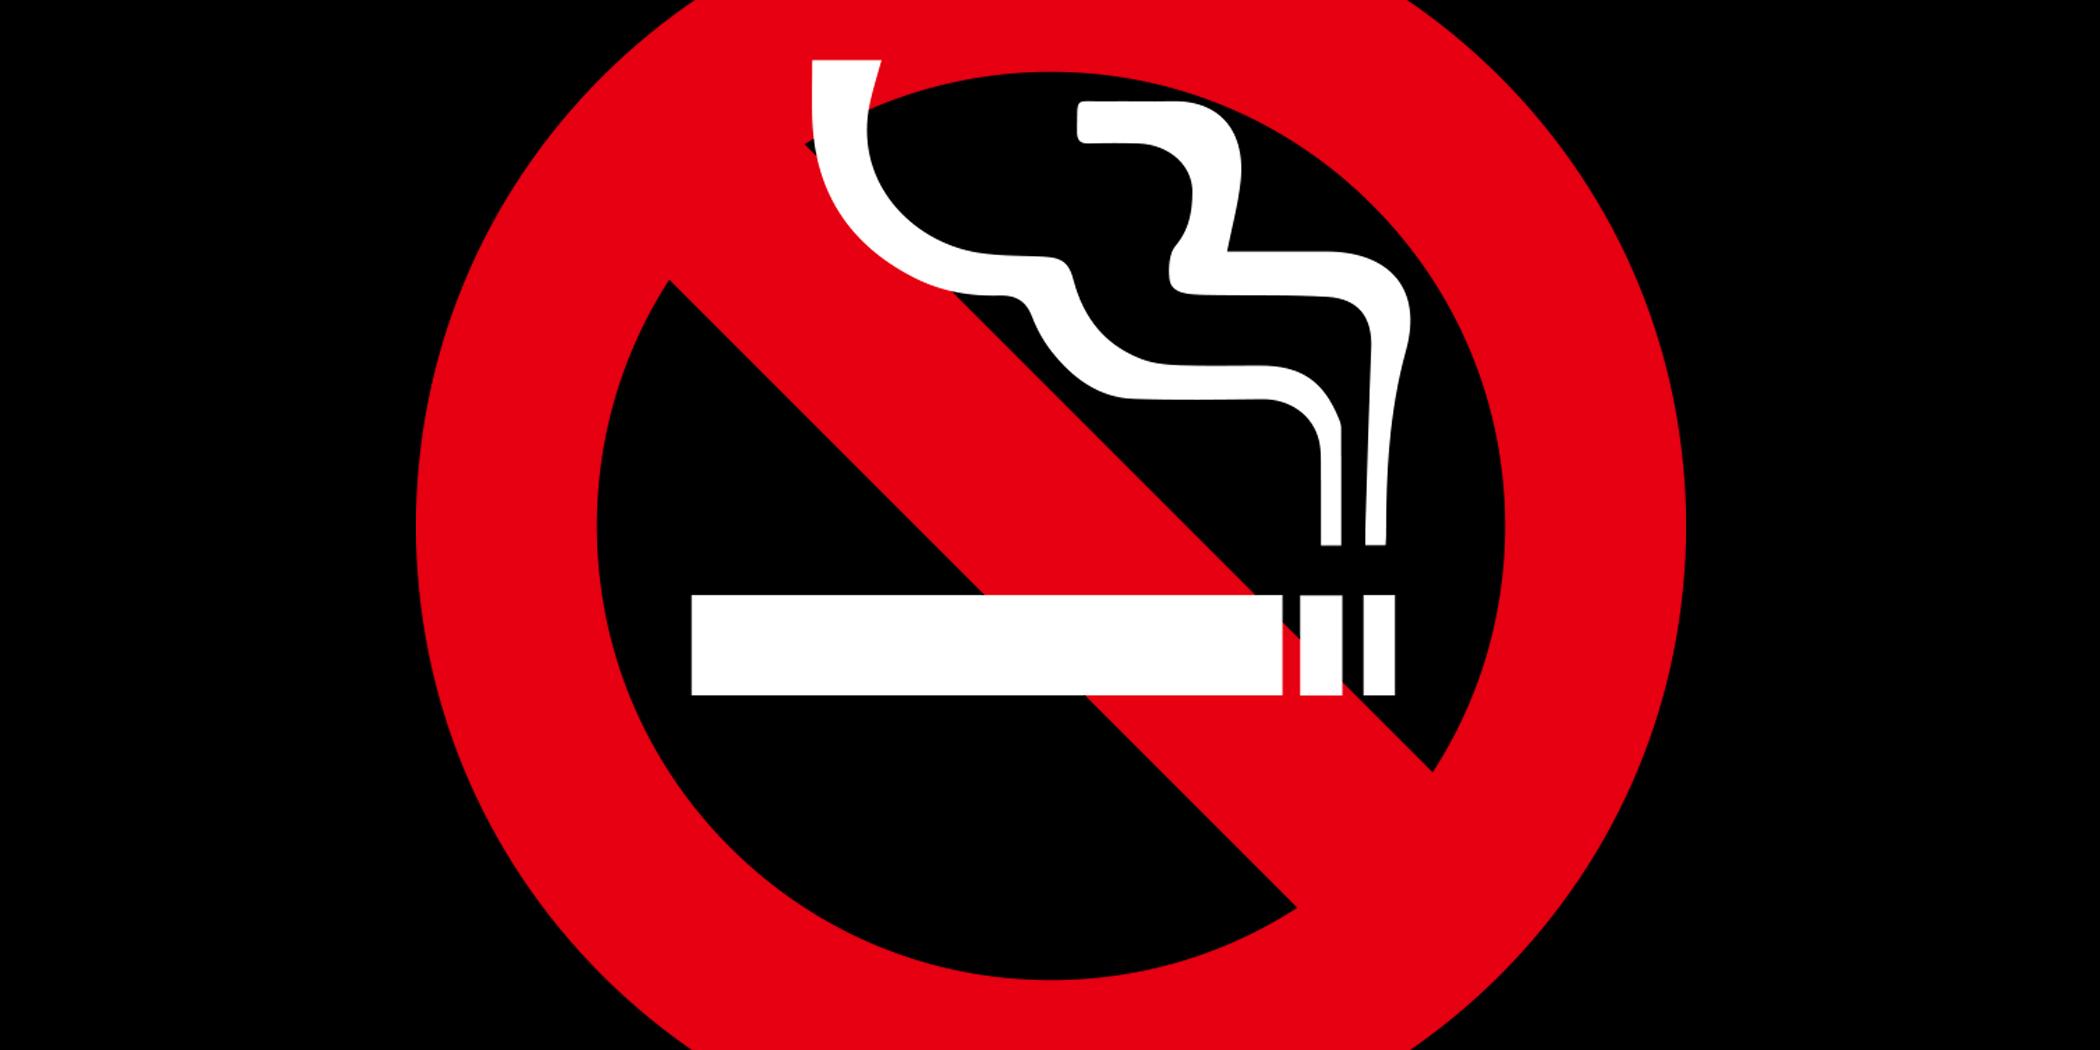 改正健康増進法に基づく全面禁煙の実施について